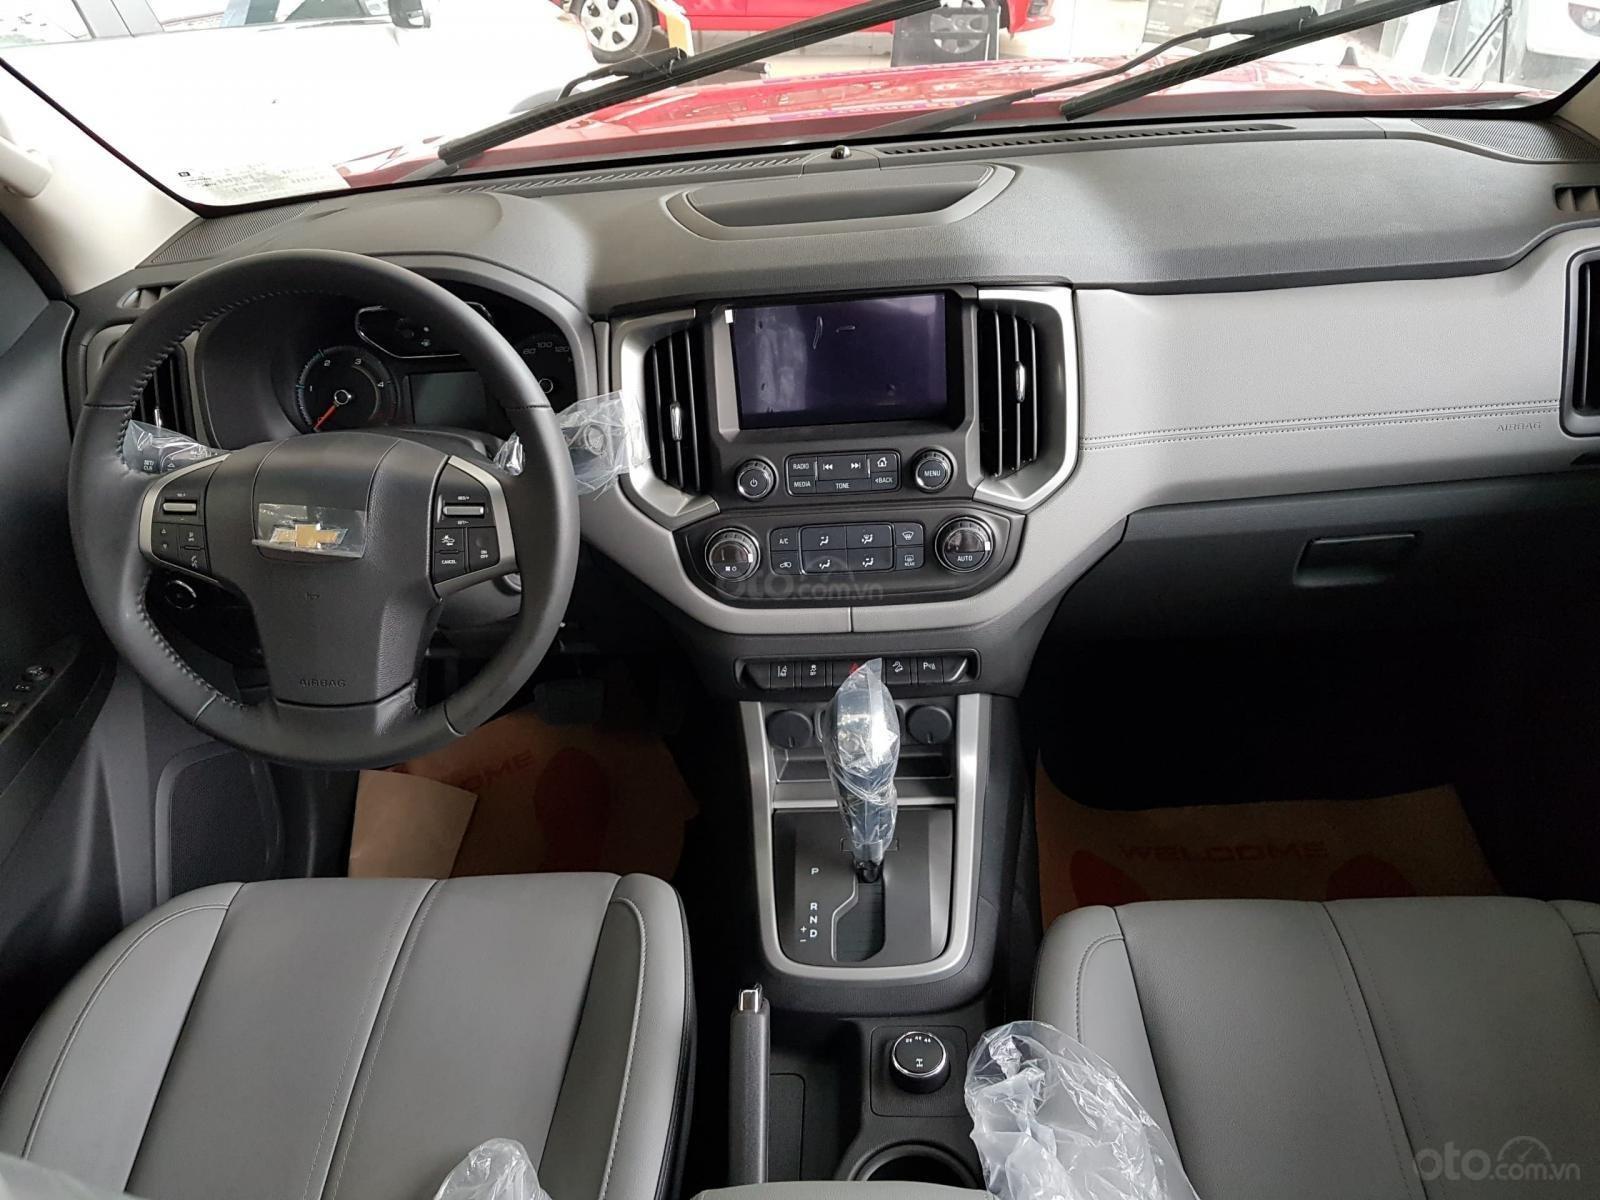 Xe bán tải Chevrolet Colorado LTZ MY19, màu trắng, xe nhập, giao ngay, ưu đãi sốc tháng 11, LH 0962.951.192 (6)